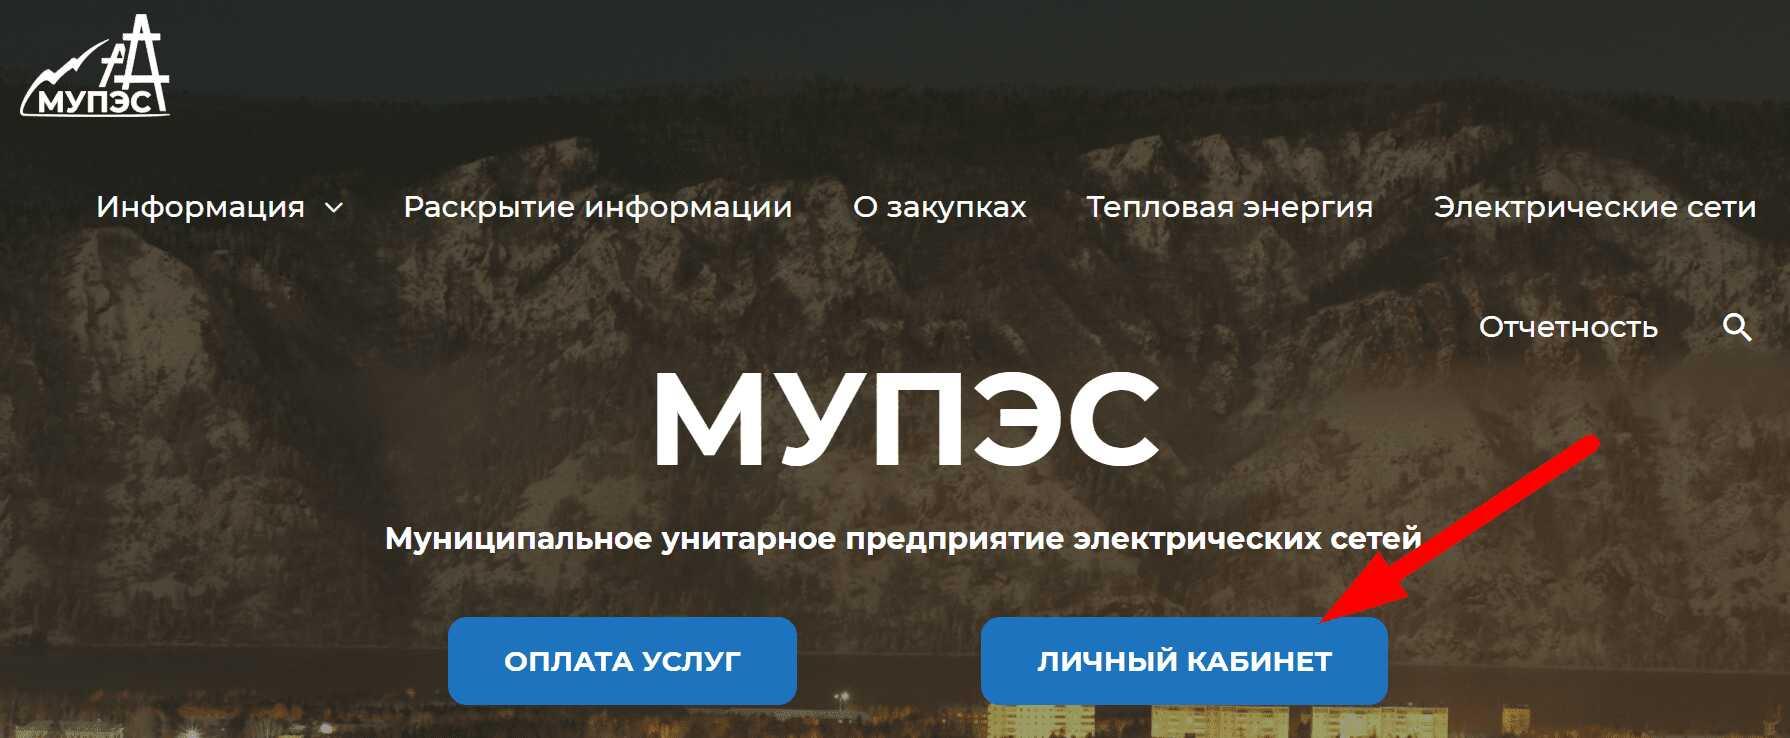 Официальный сайт электросетевой компании «МУПЭС»